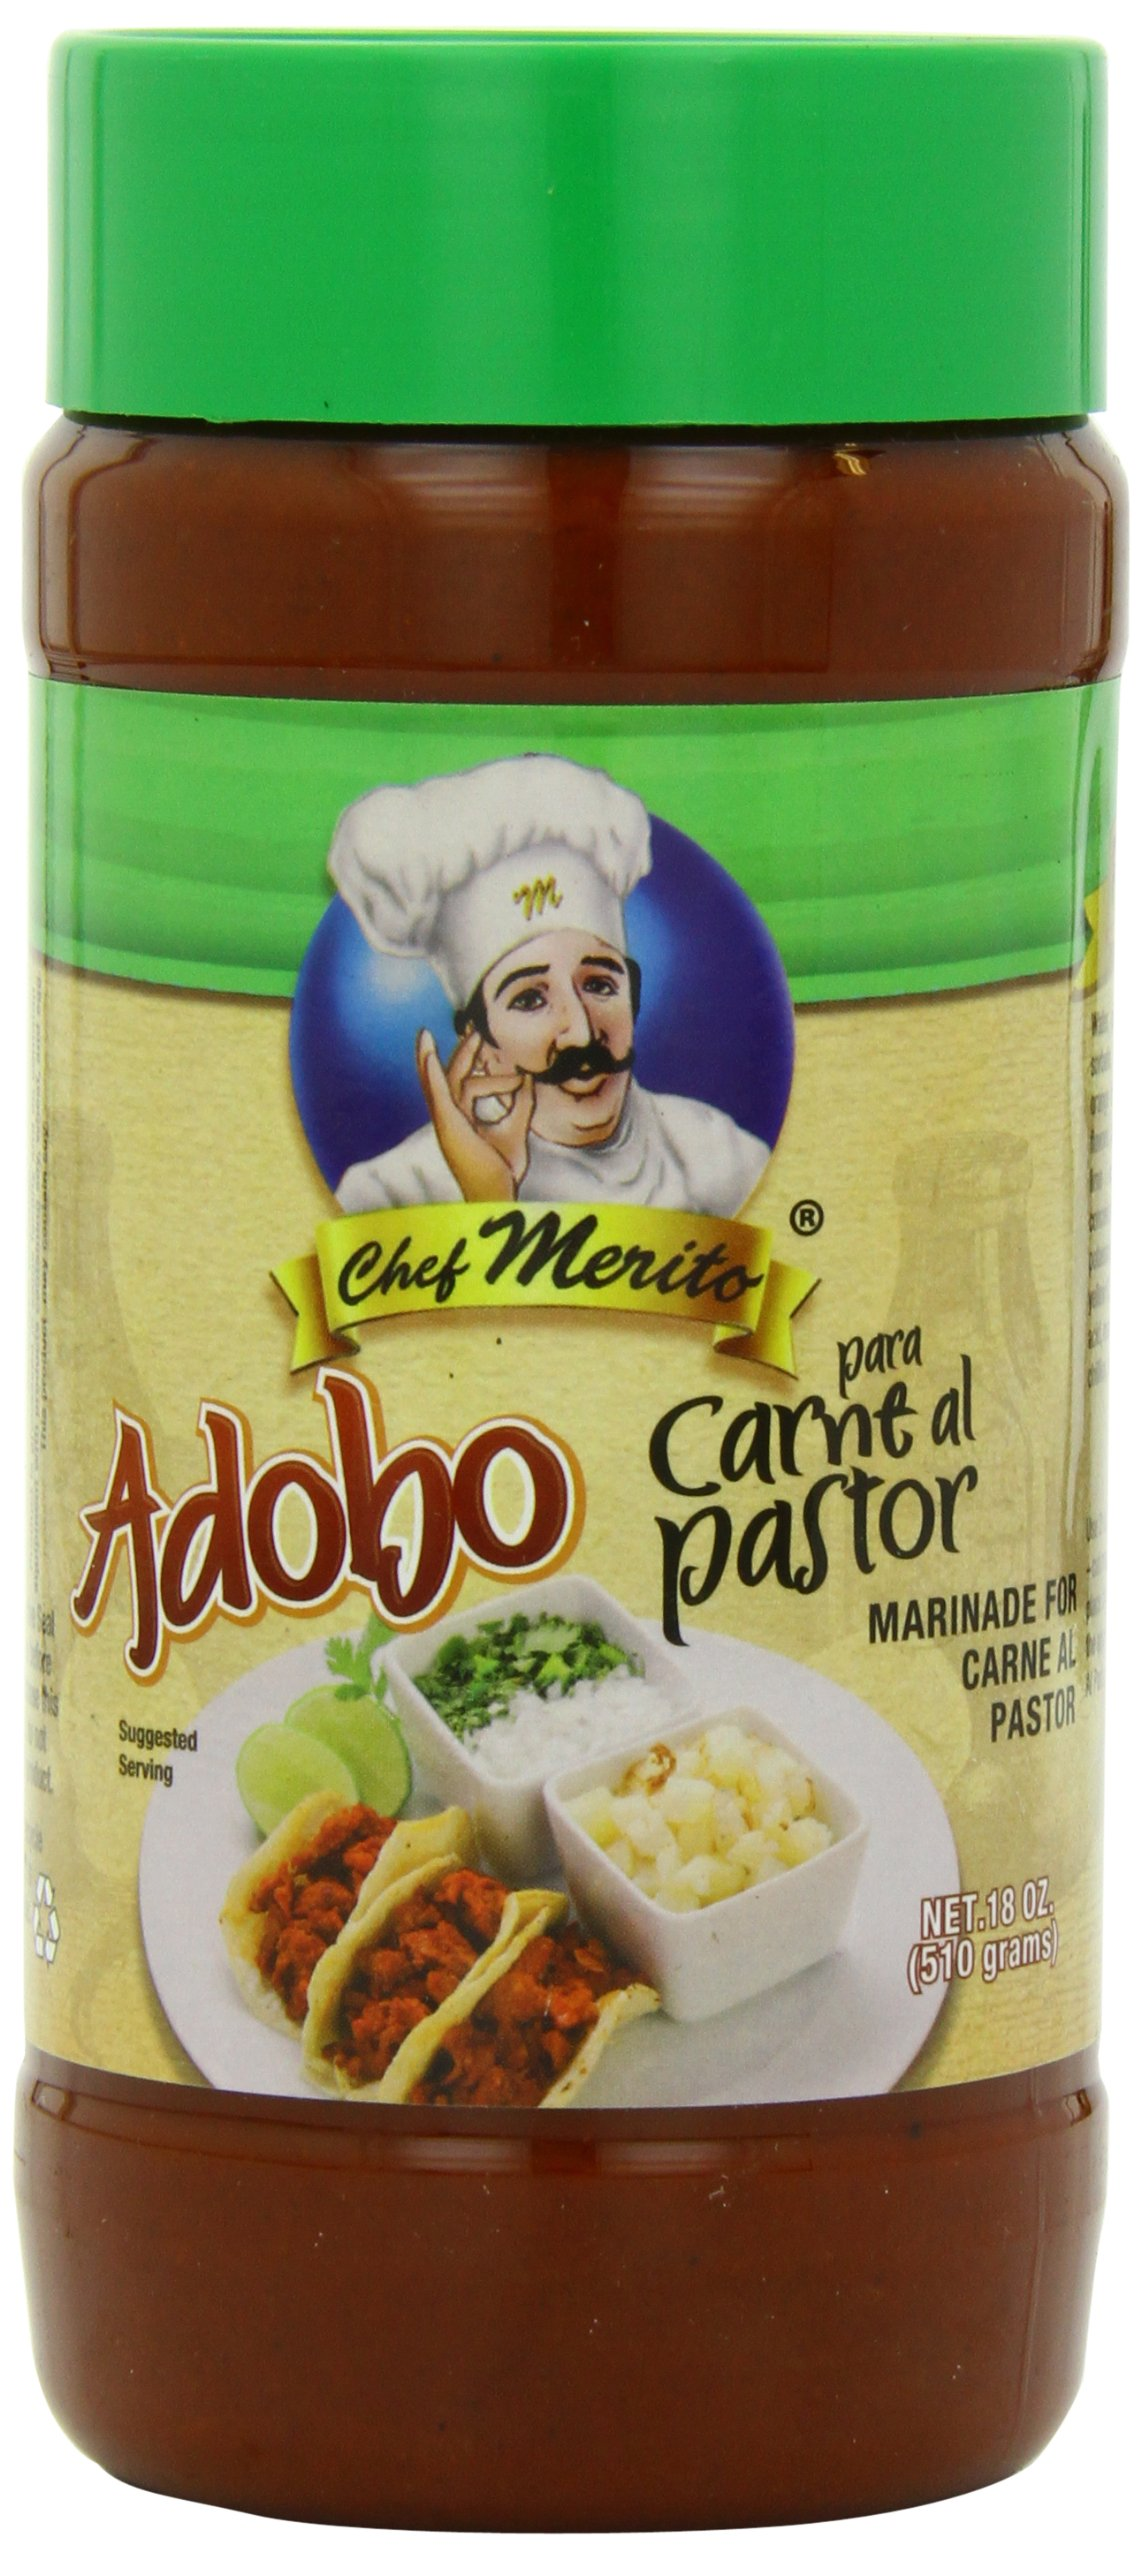 Chef Merito Adobo Carne Al Pastor, 18.0 Ounce by Chef Merito (Image #1)